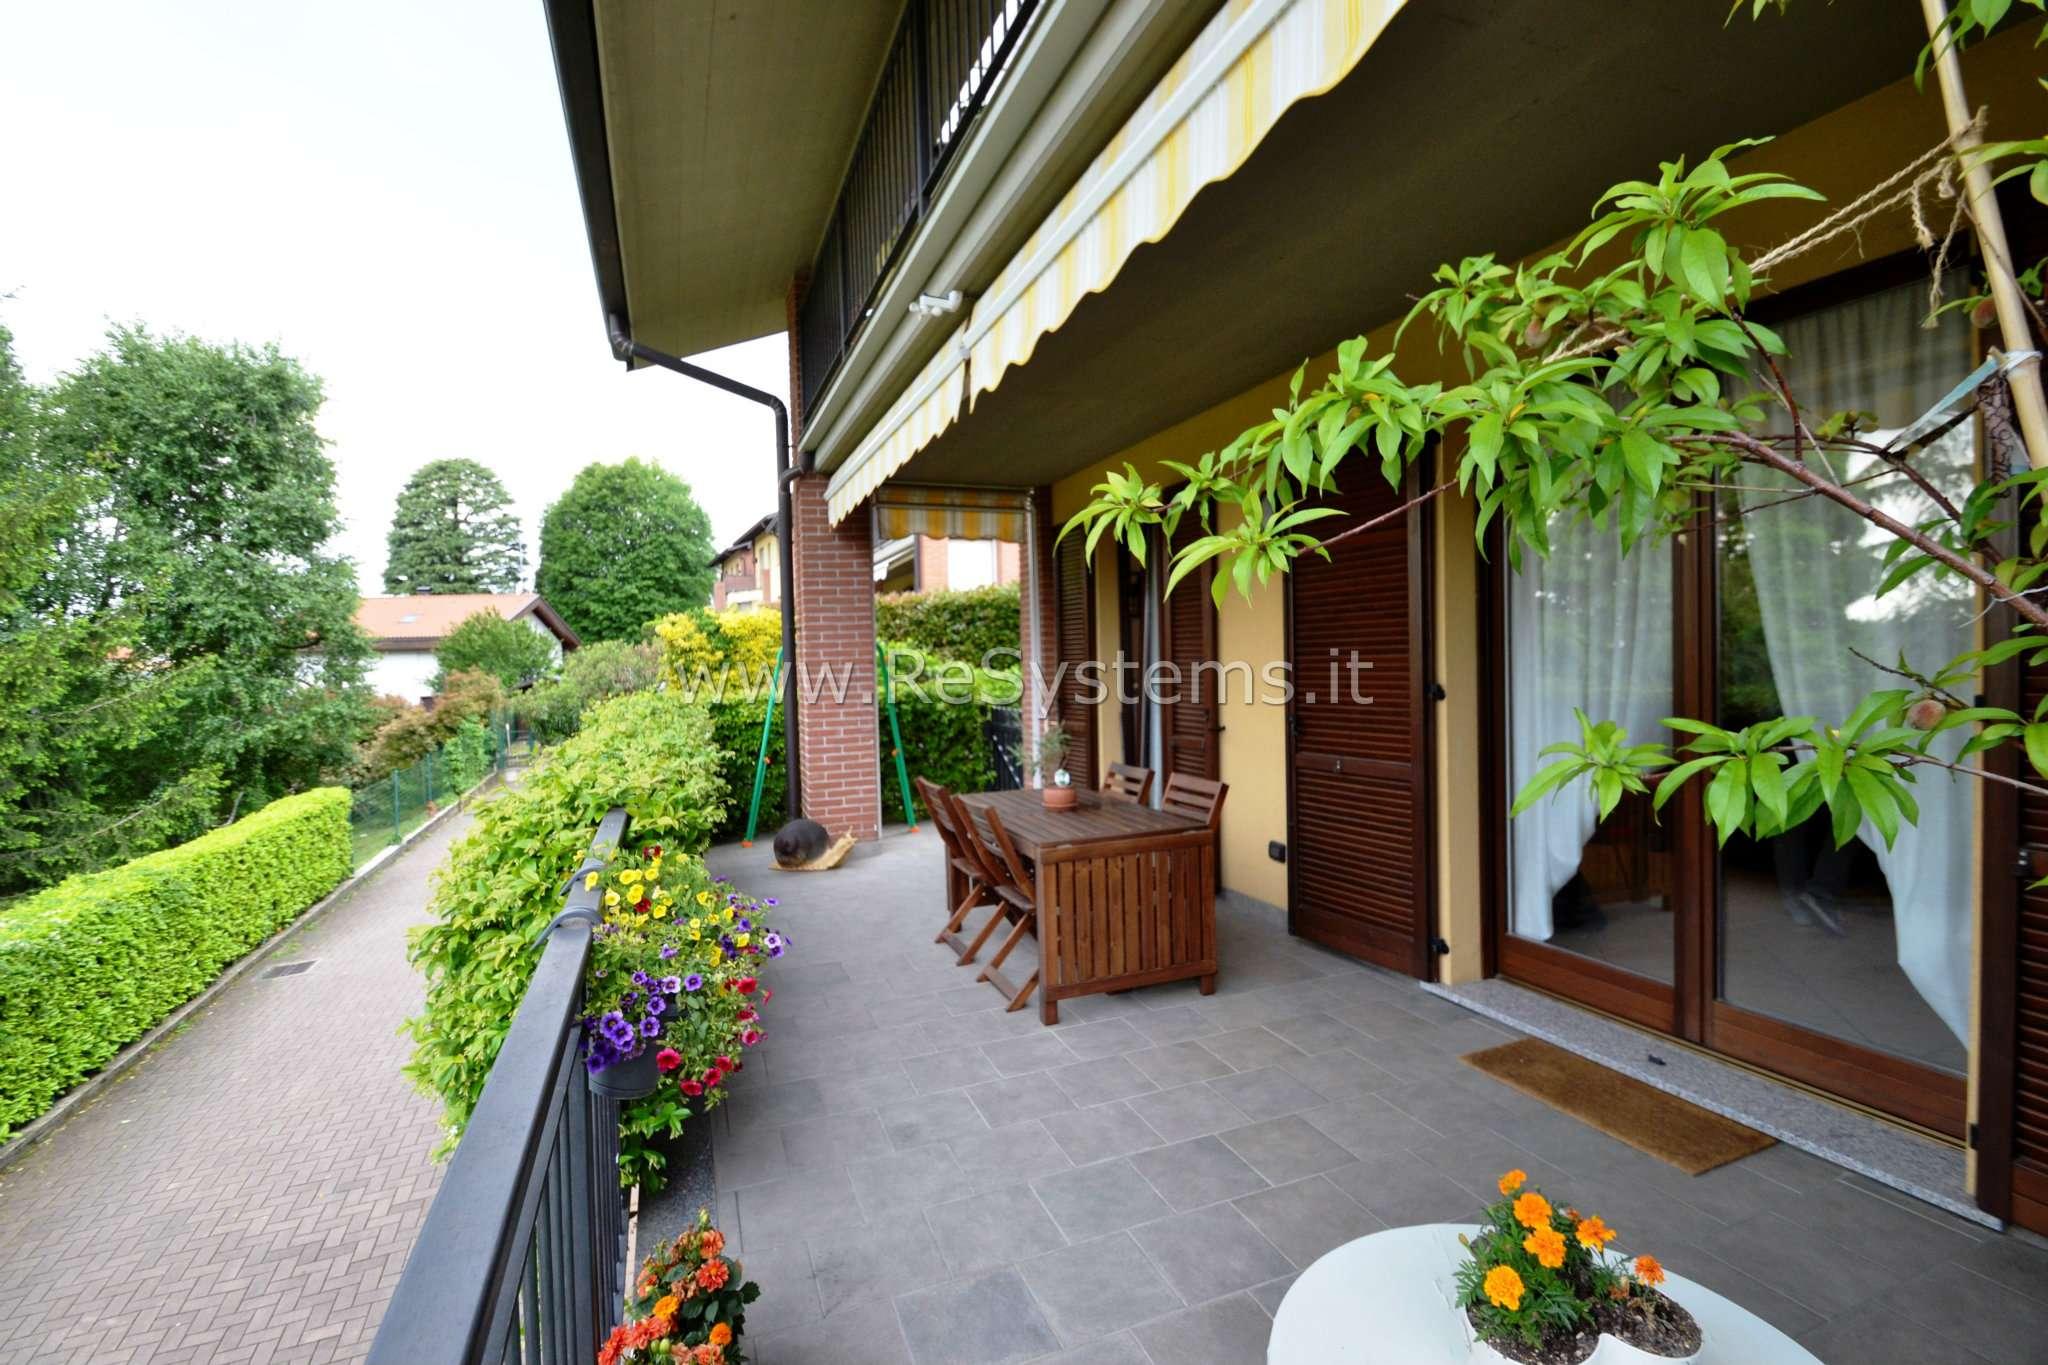 Capiago Intimiano, proponiamo in vendita Grazioso 3 locali su due livelli con giardino